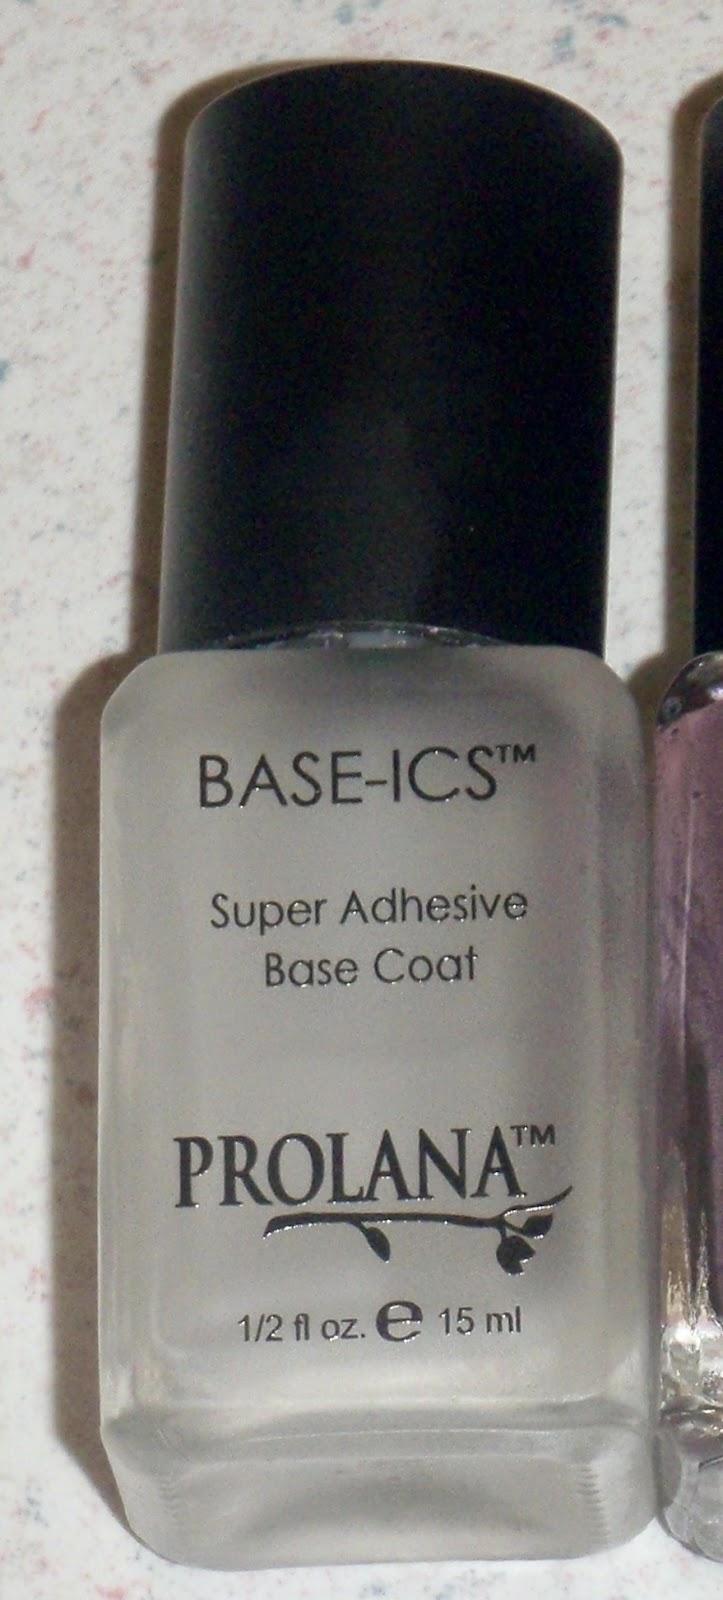 prolana basics base coat